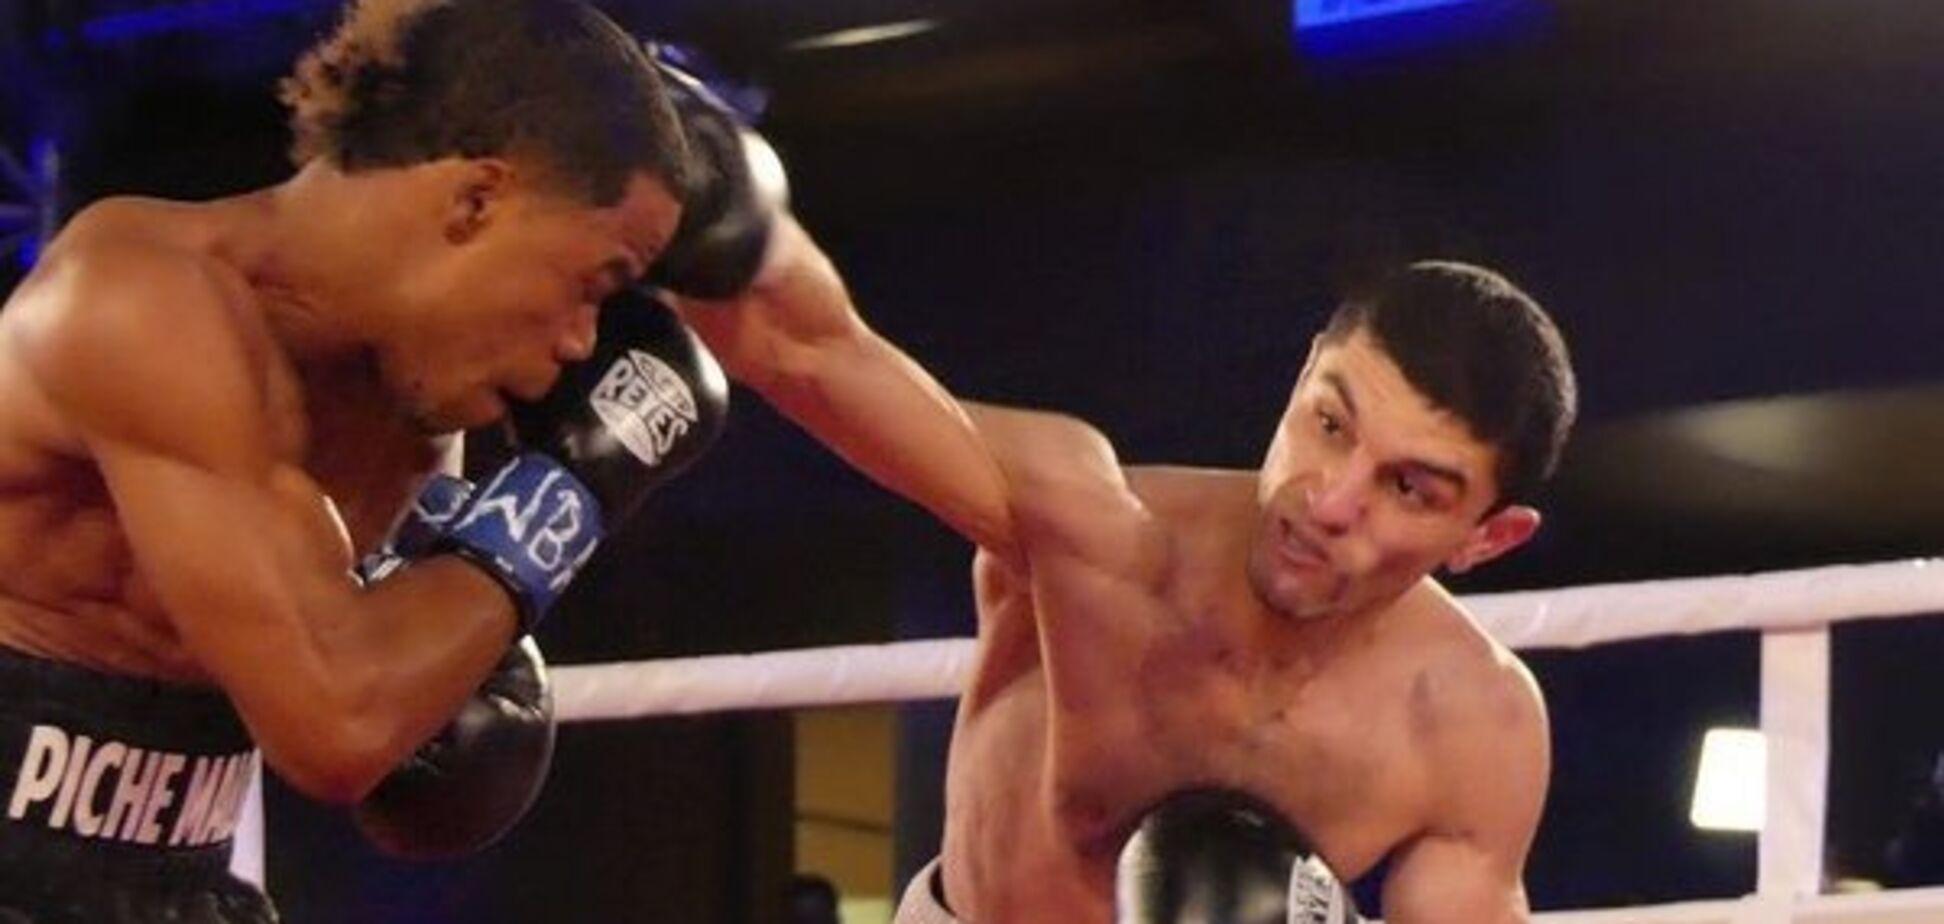 Ползал по рингу: непобедимый украинский боксер выиграл чемпионский бой